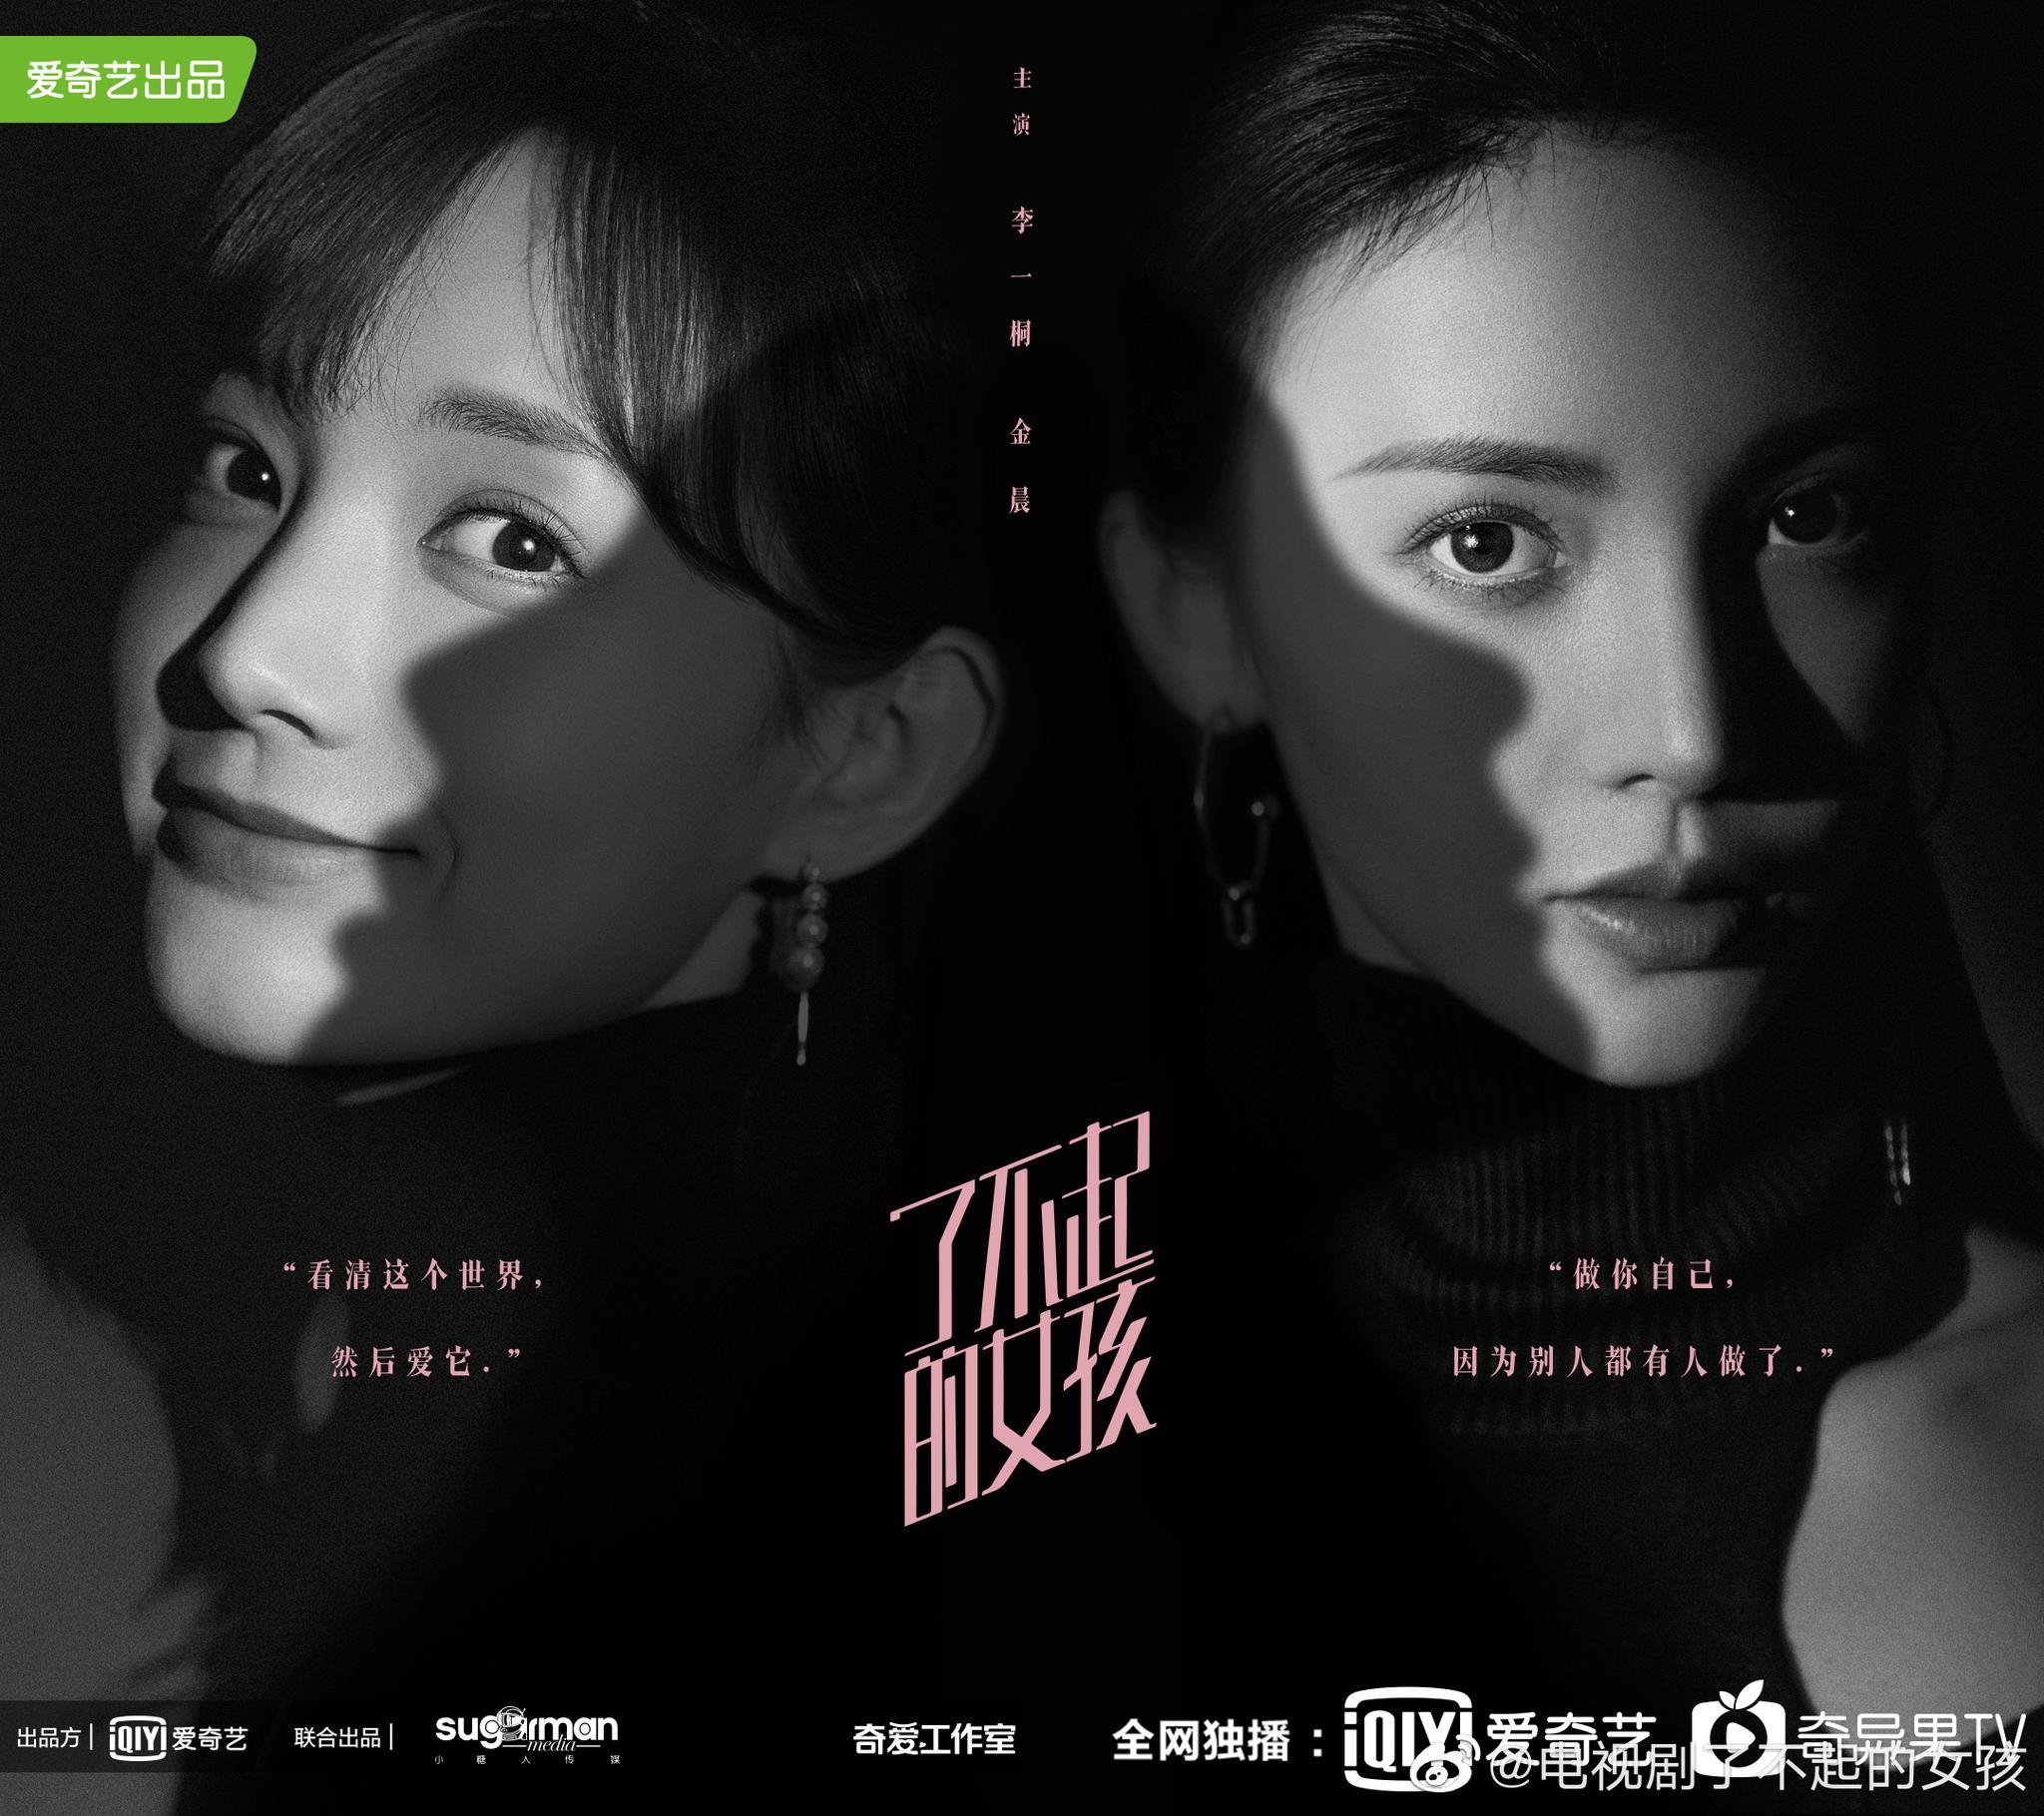 电视剧《了不起的女孩》官宣主演,李一桐、金晨加盟图片